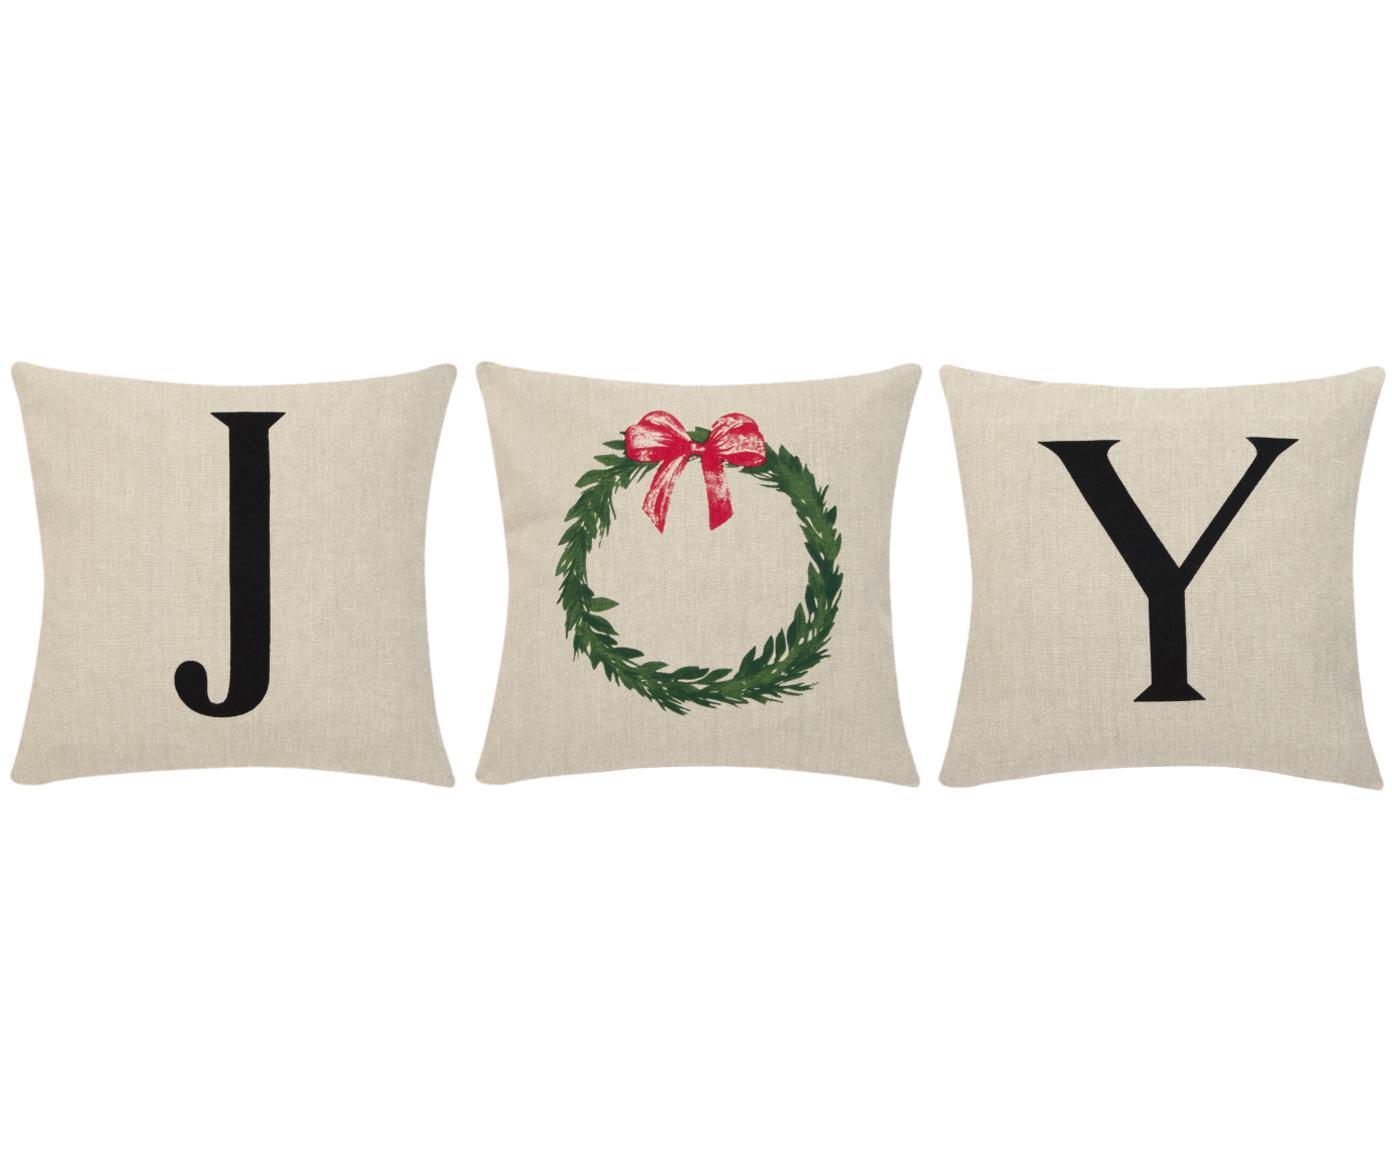 Set de fundas de cojines Joy, 3pzas., 100%algodón, Beige, negro, An 40 x L 40 cm